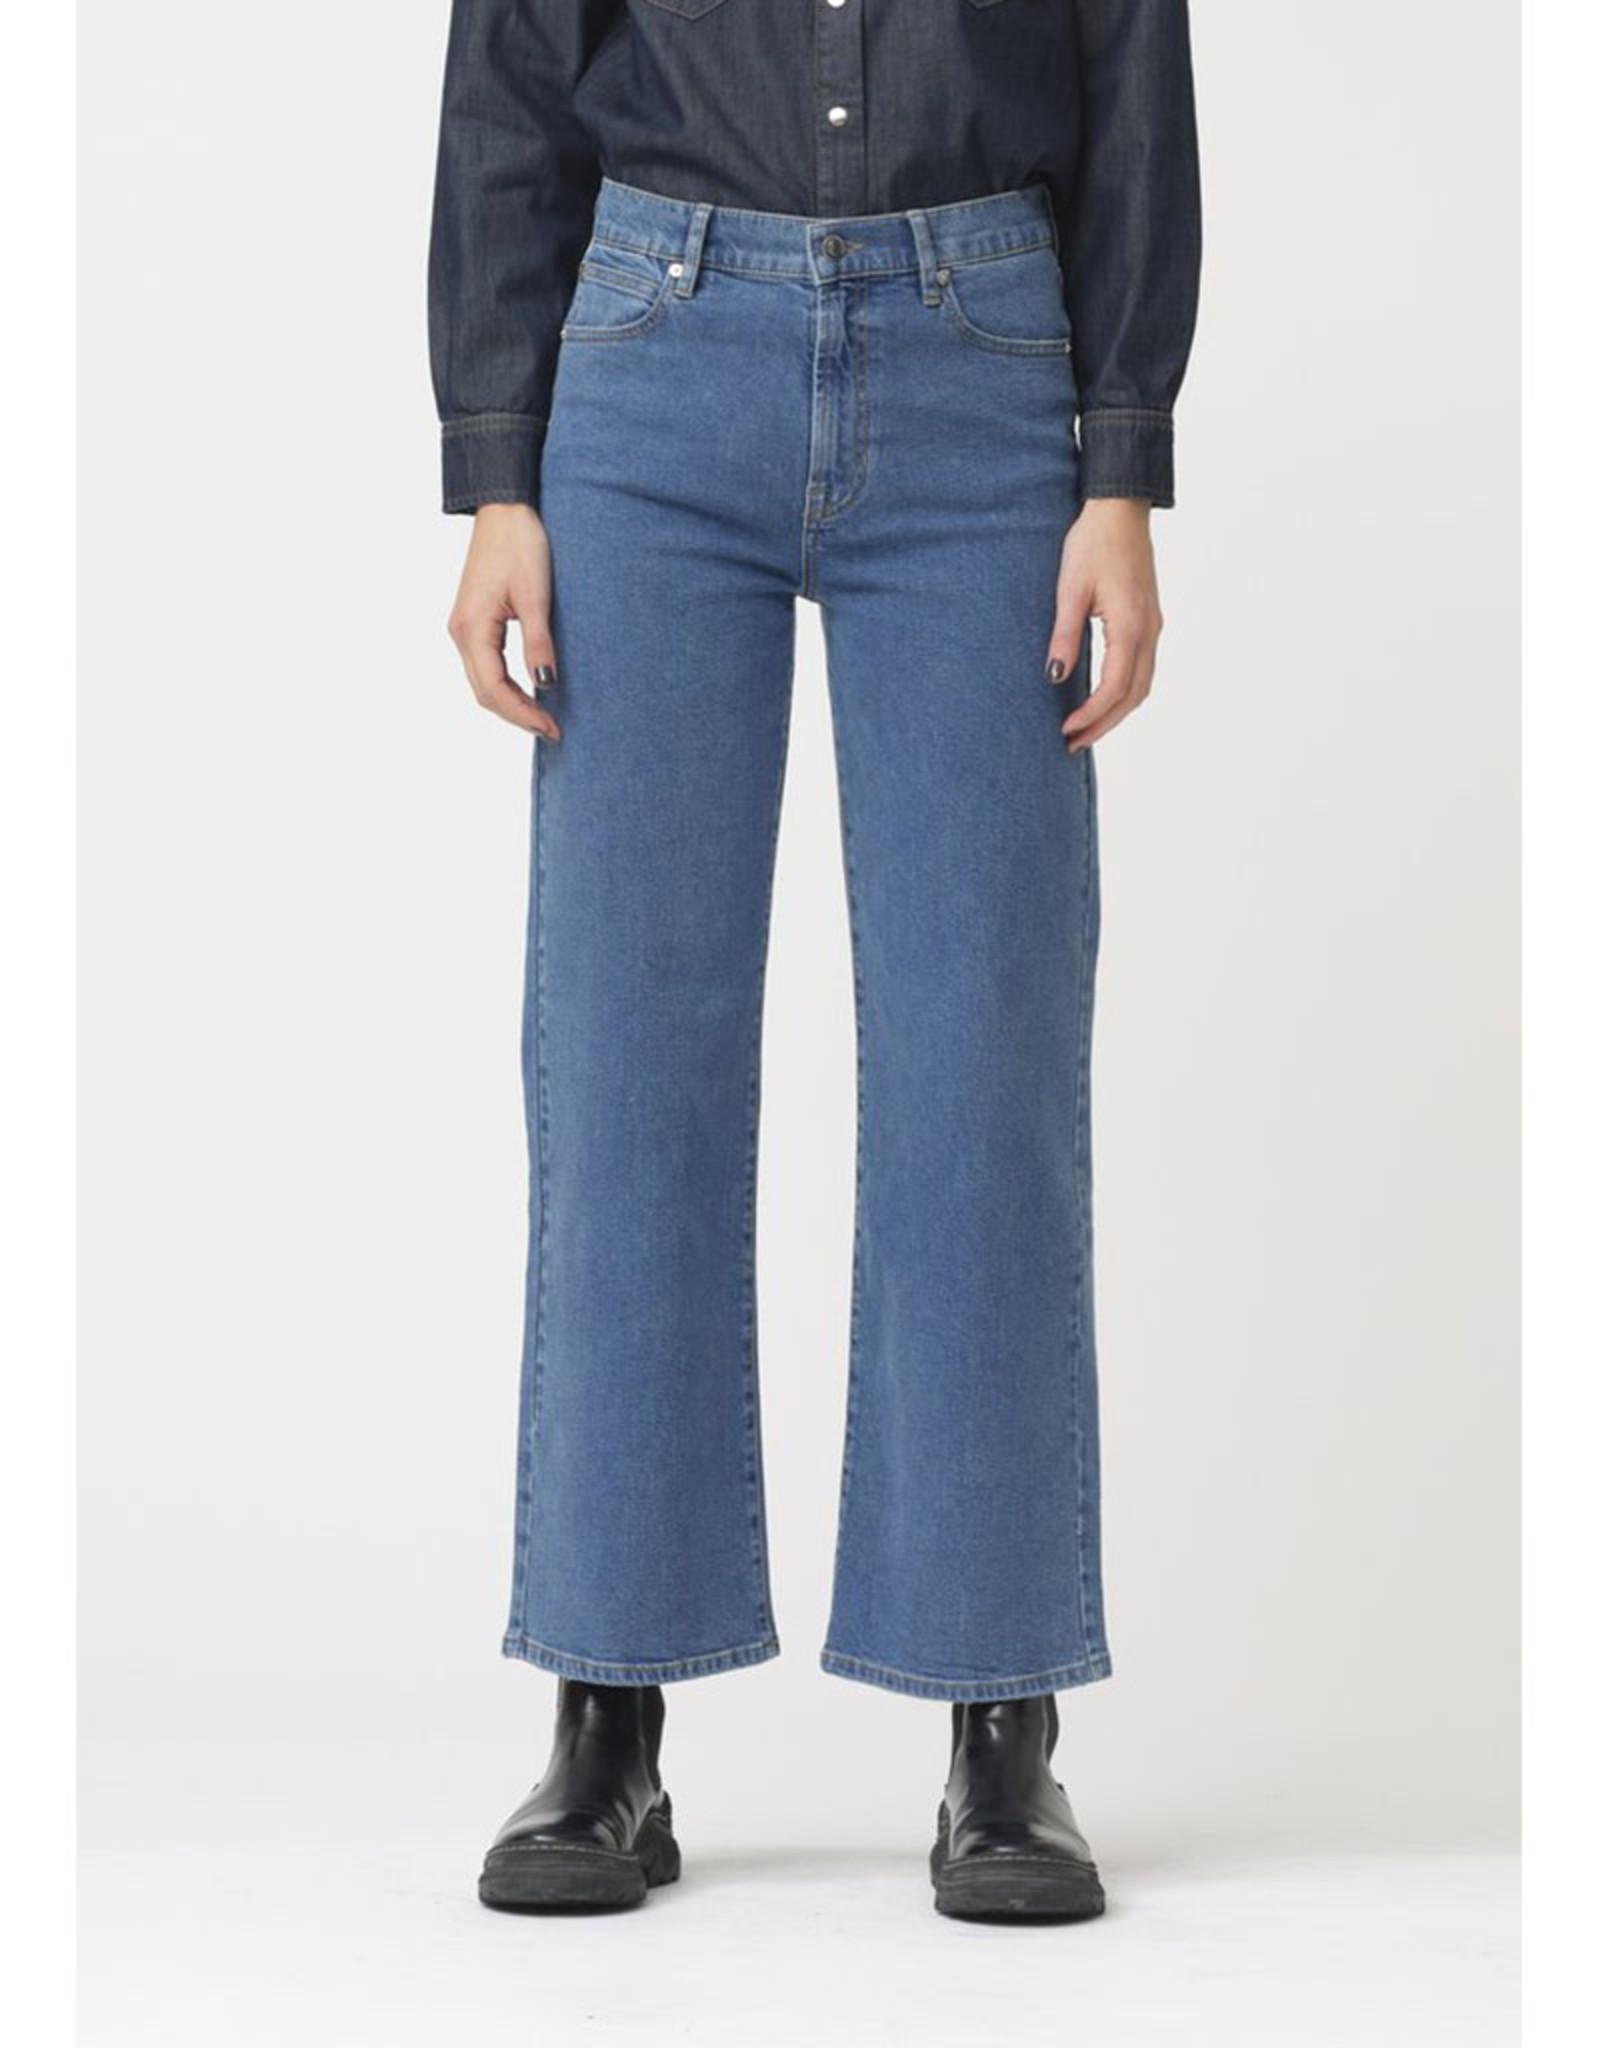 Ivy Mia Jeans - Panama Wash